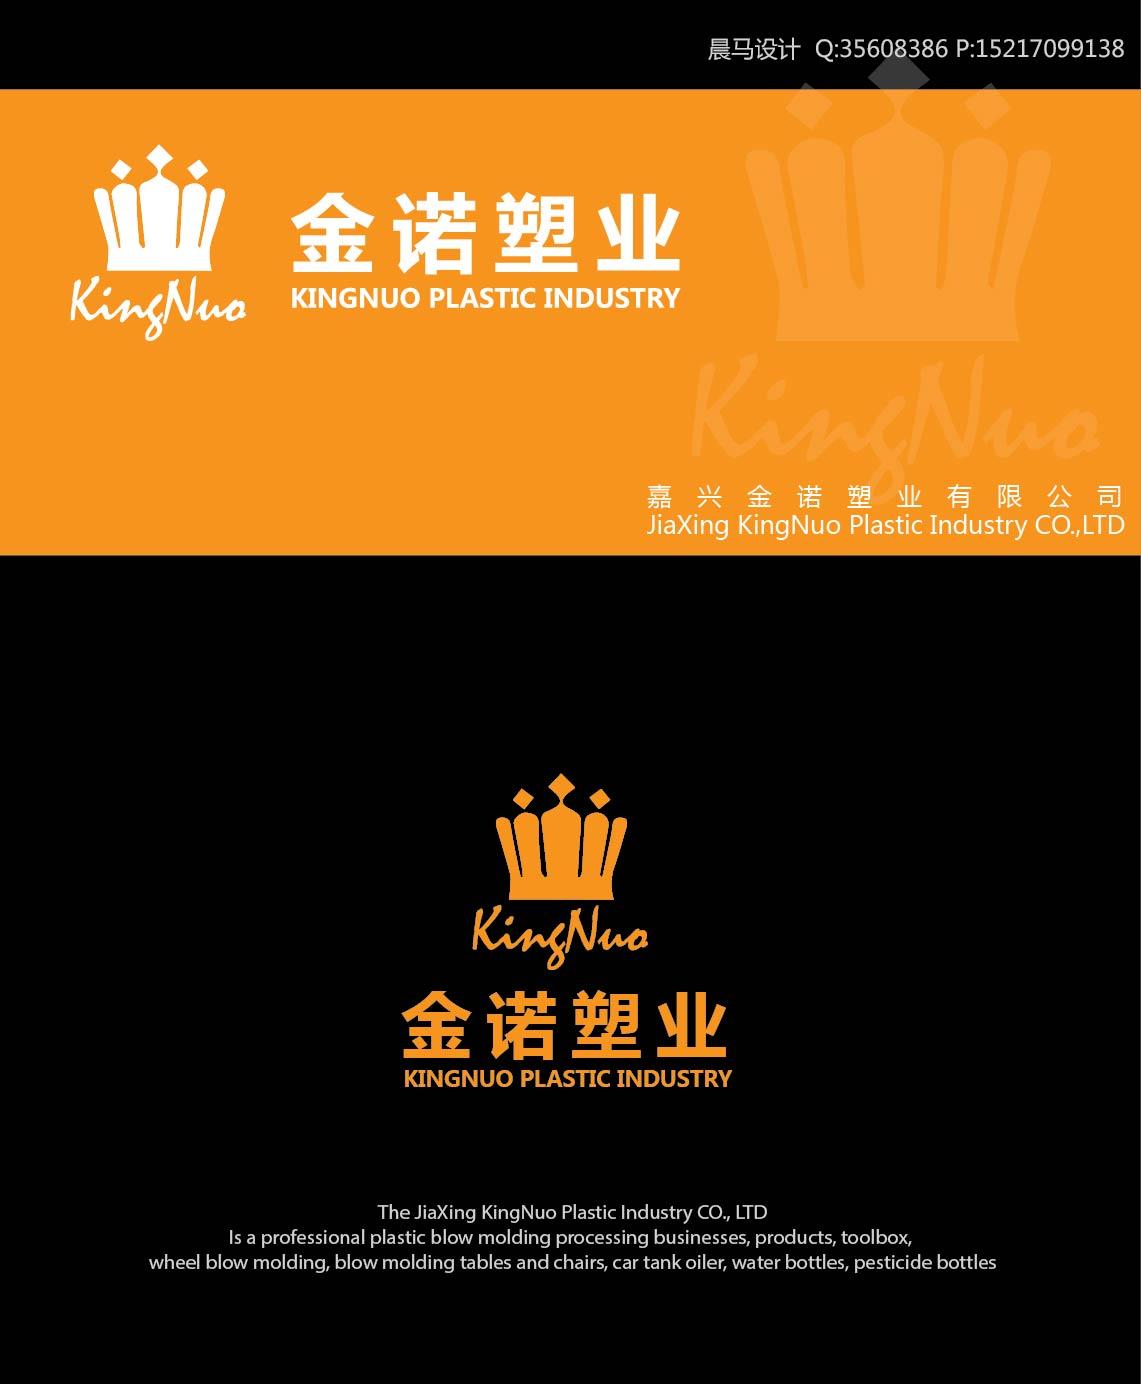 中标稿件 -嘉兴金诺塑业有限公司标志设计 400元 威客任务 编号18850